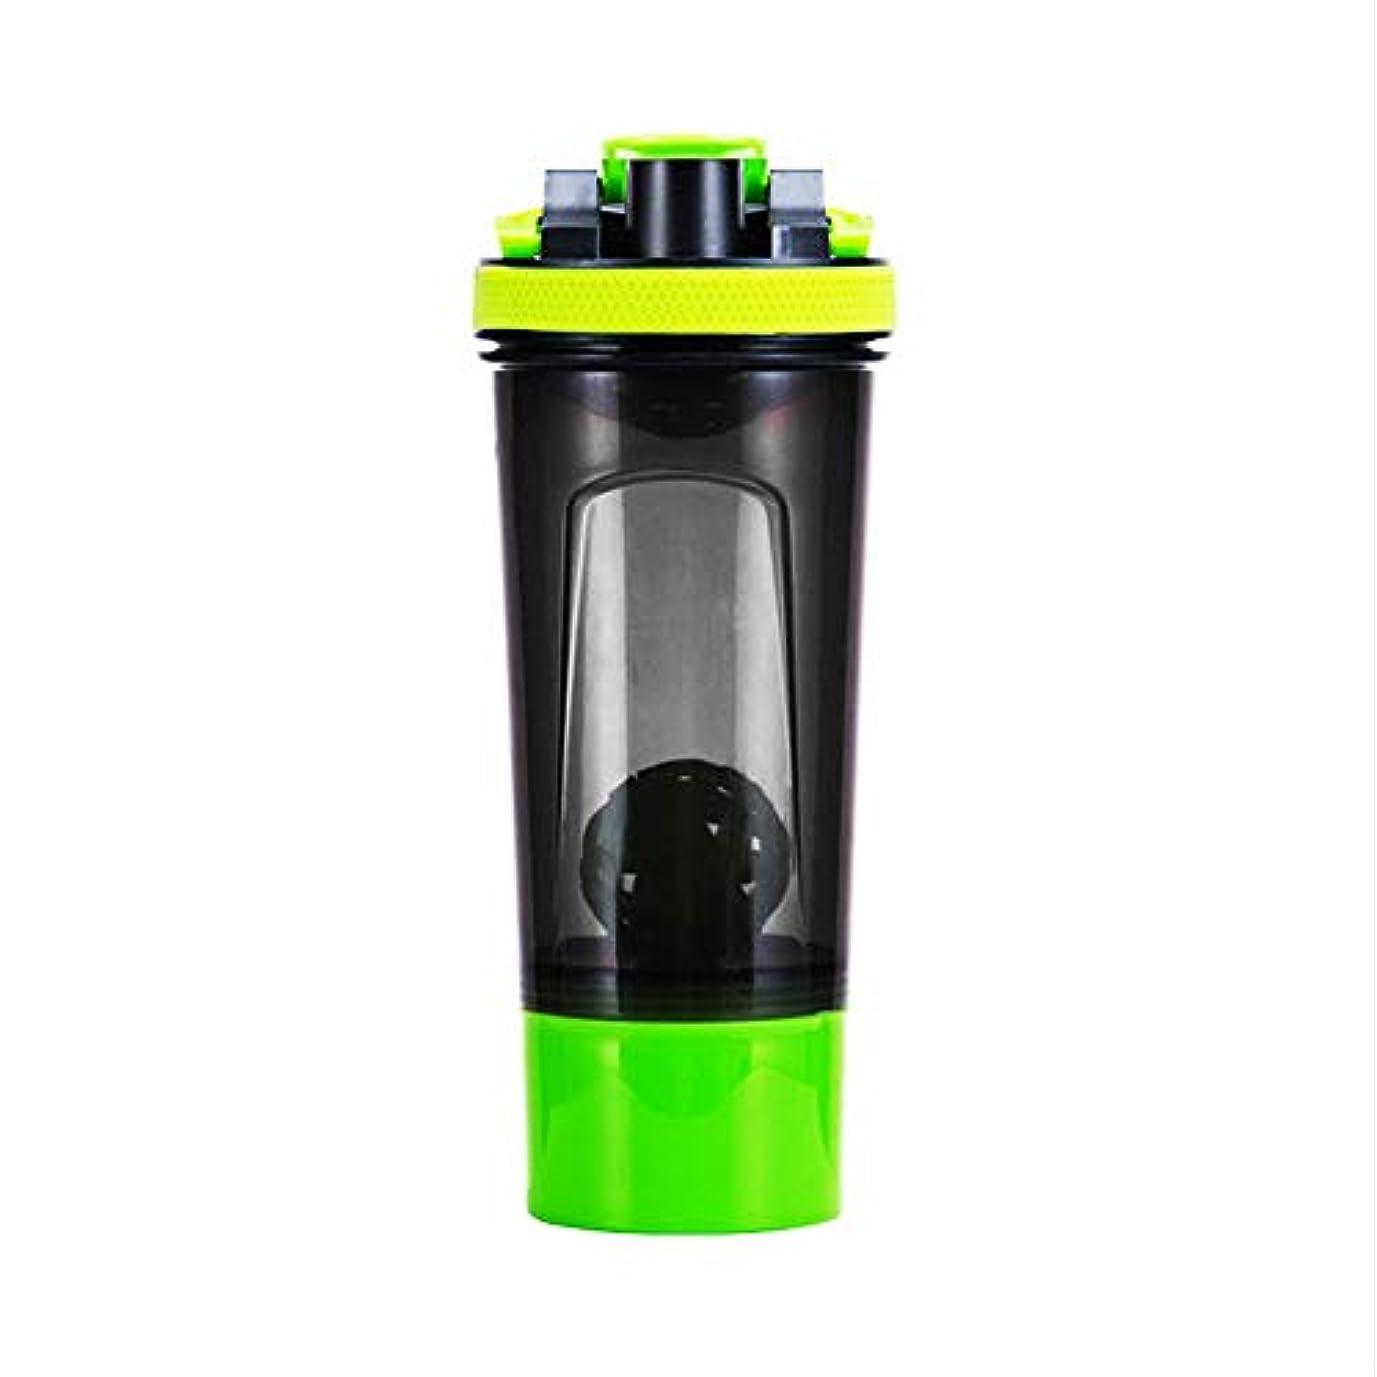 誓うコールド降雨Quner プロテインシェイカー ボトル 水筒 700ml シェーカーボトル スポーツボトル 目盛り 3層 プラスチック フィットネス ダイエット コンテナ付き サプリケース